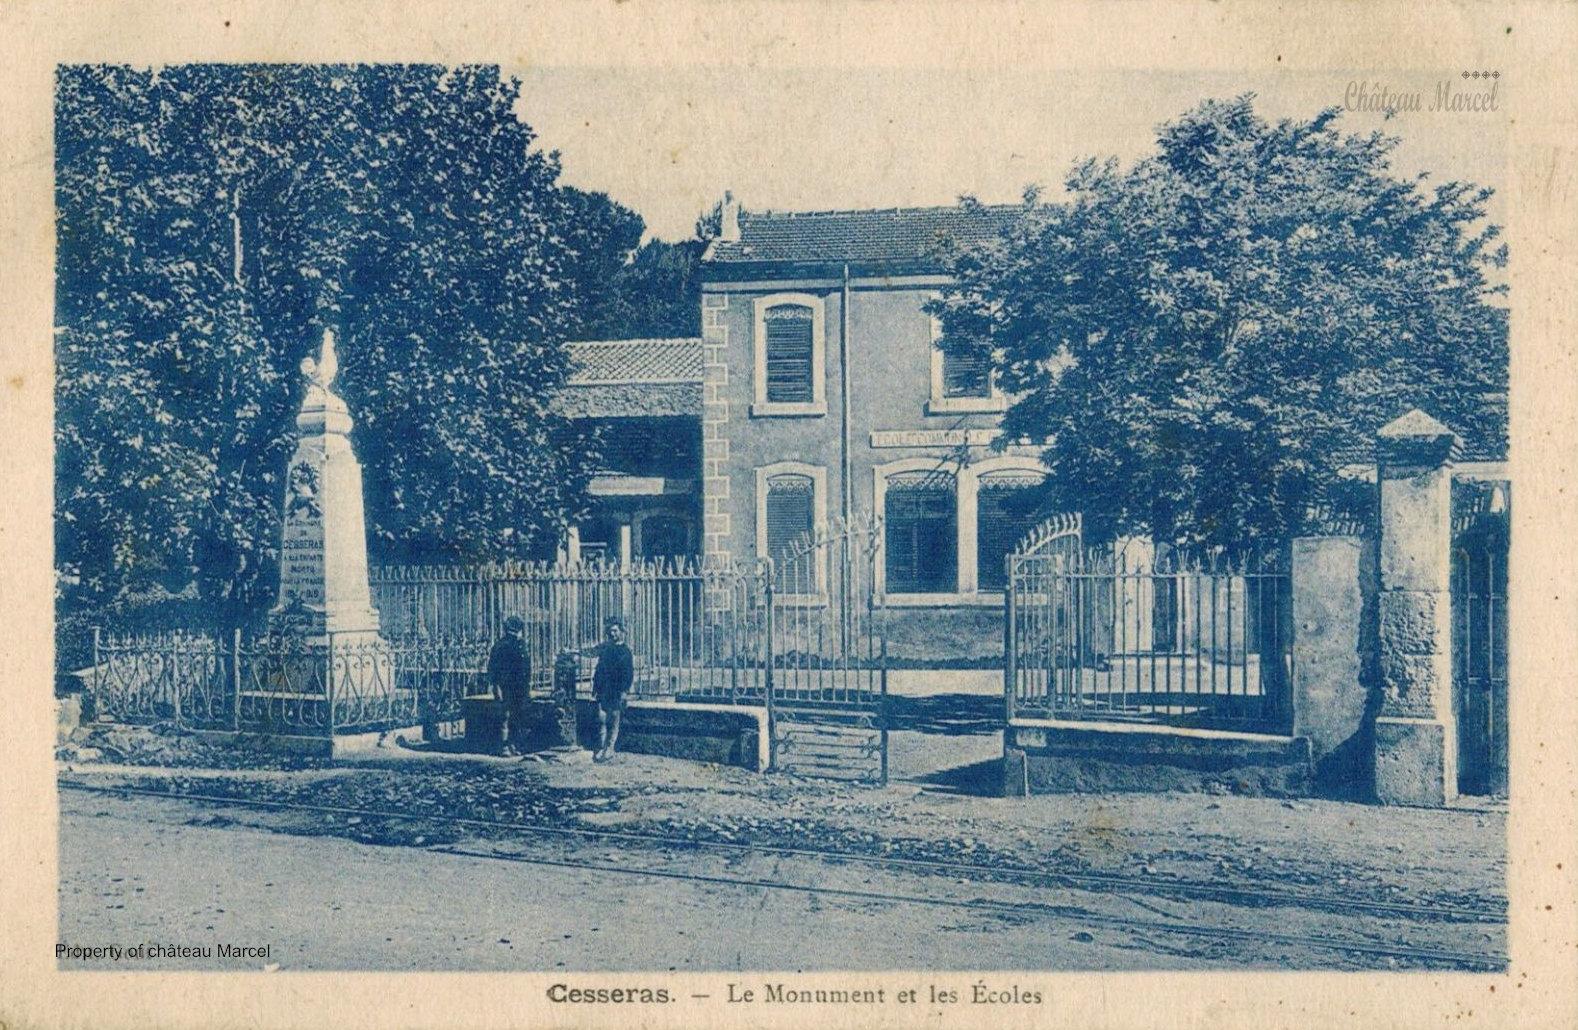 Le monument et les écoles